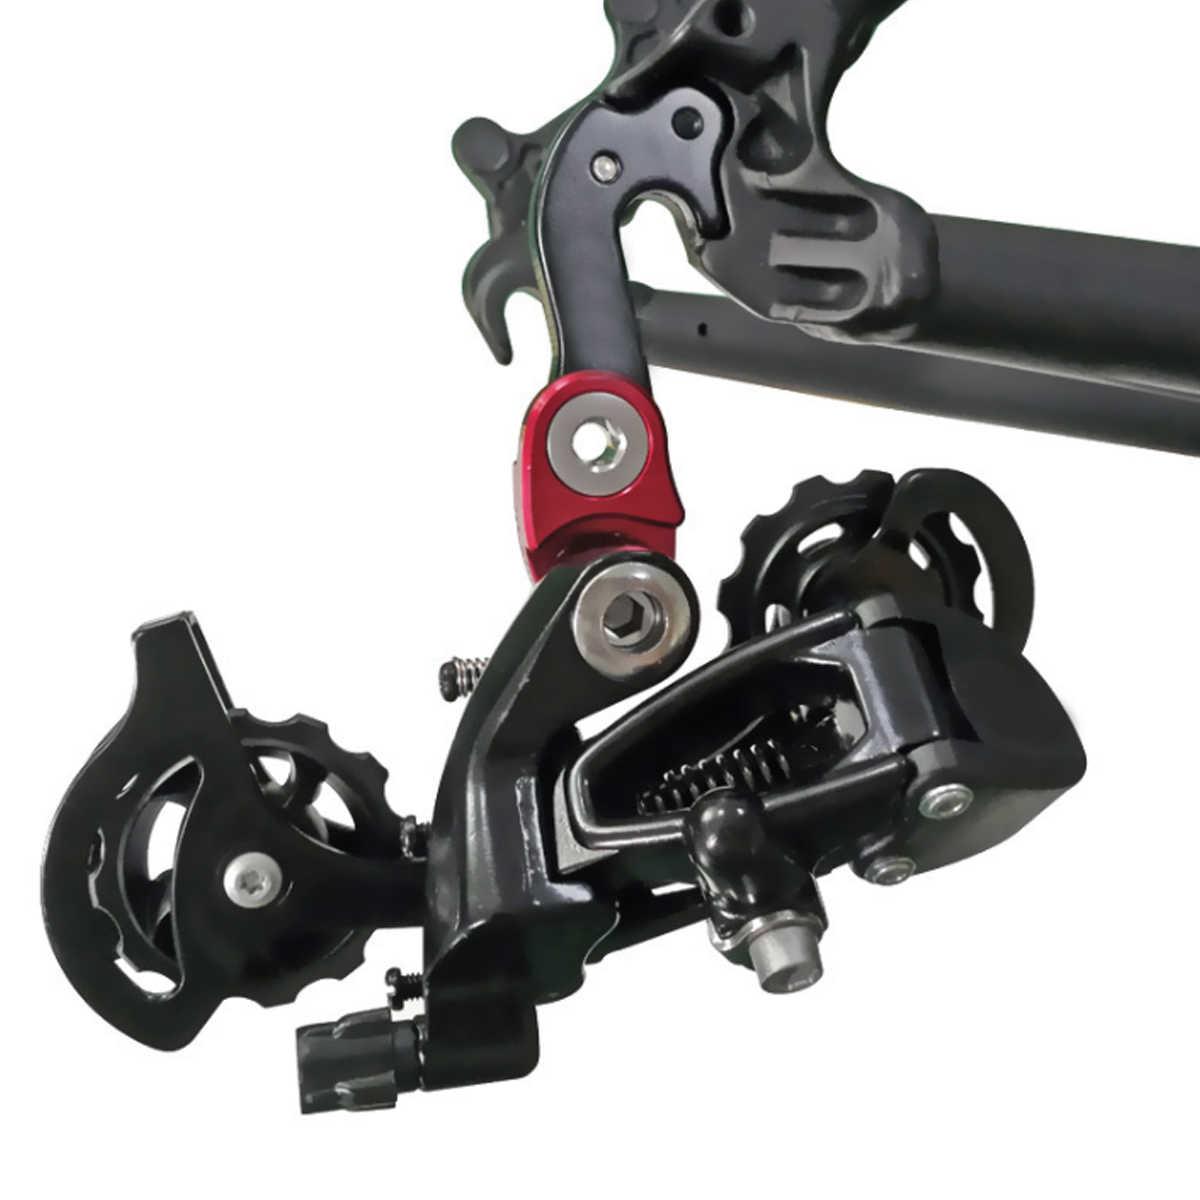 وصلة تمديد الدراجة الجبلية للدراجات النارية الجبلية الخلفية لتكبير التروس الخلفية